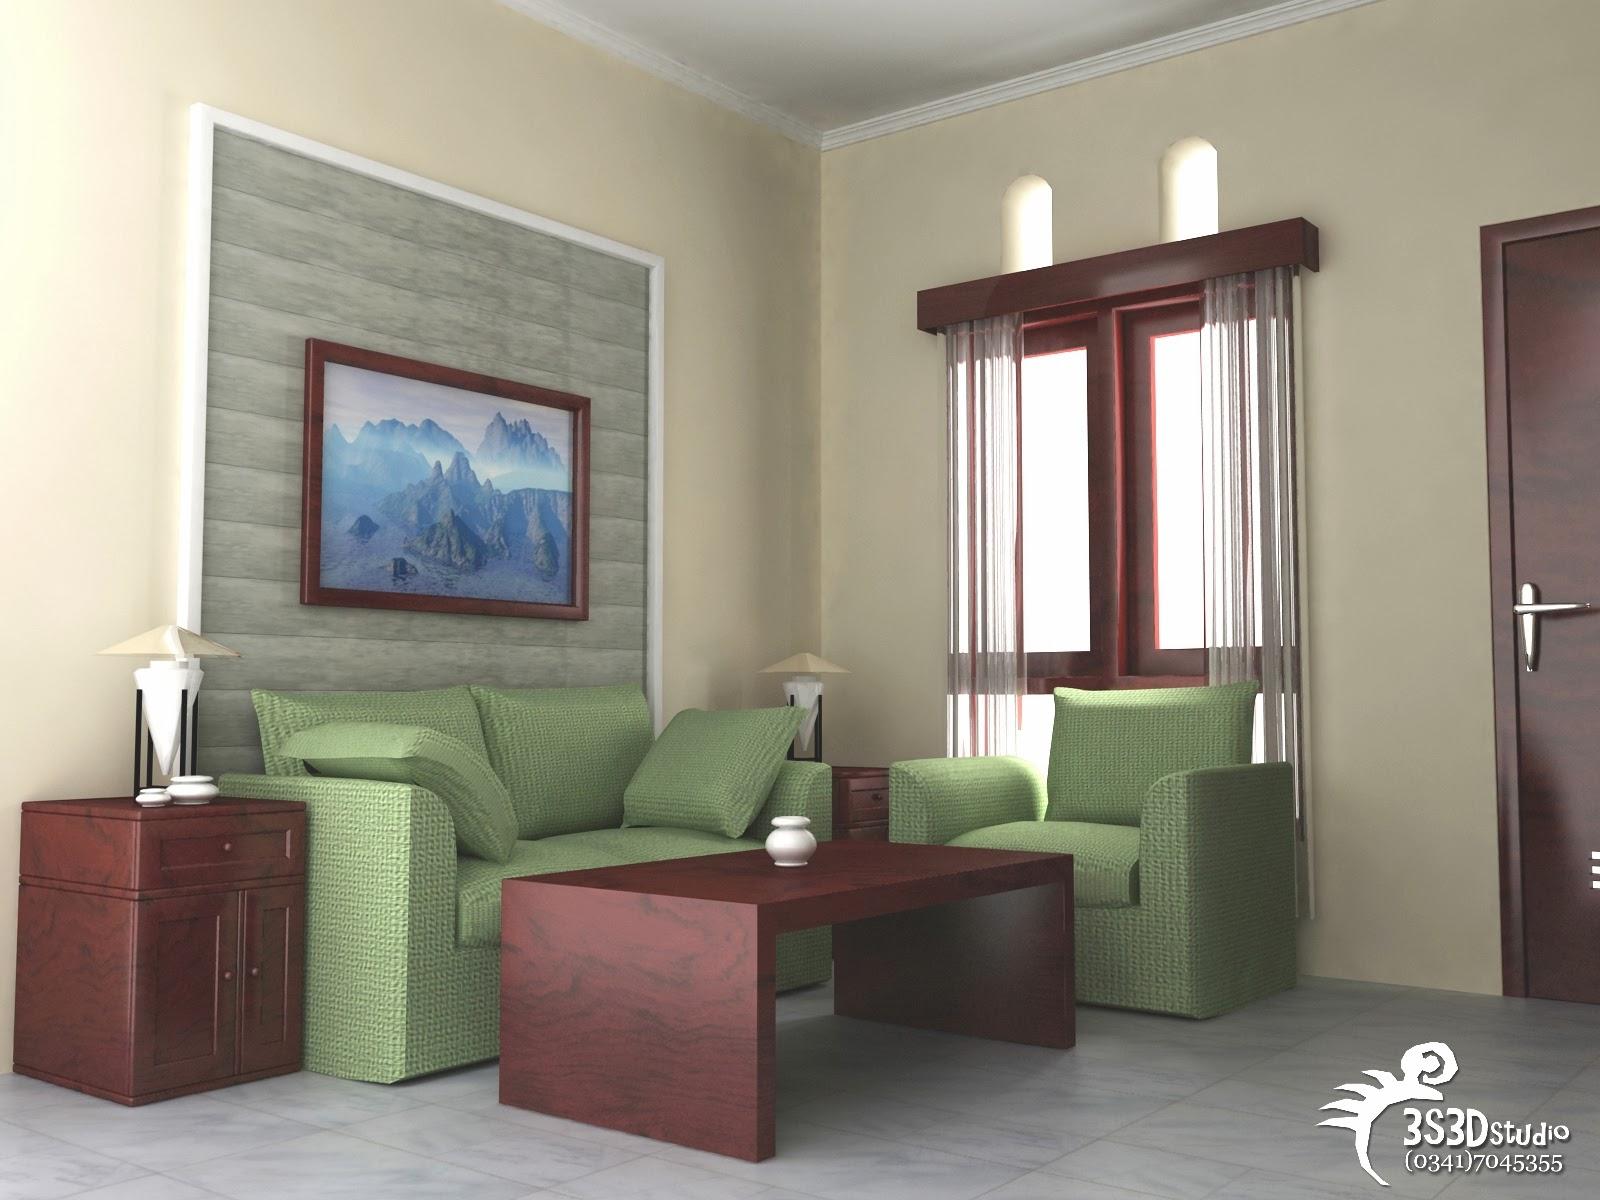 Desain Ruang Rumah Minimalis Sederhana